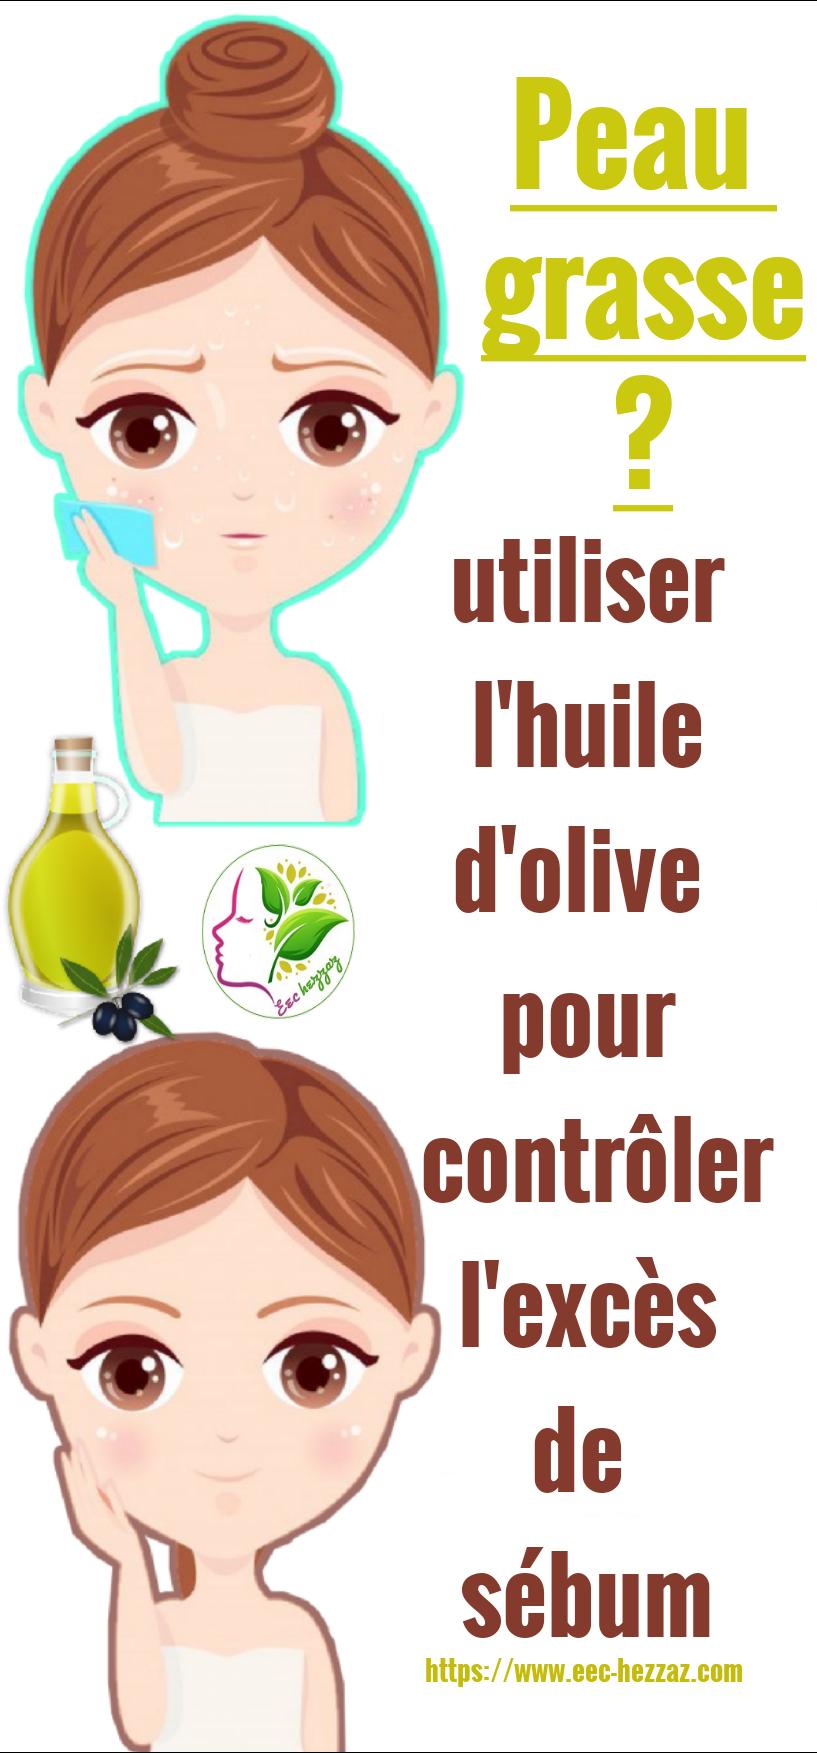 Peau grasse? utiliser l'huile d'olive pour contrôler l'excès de sébum